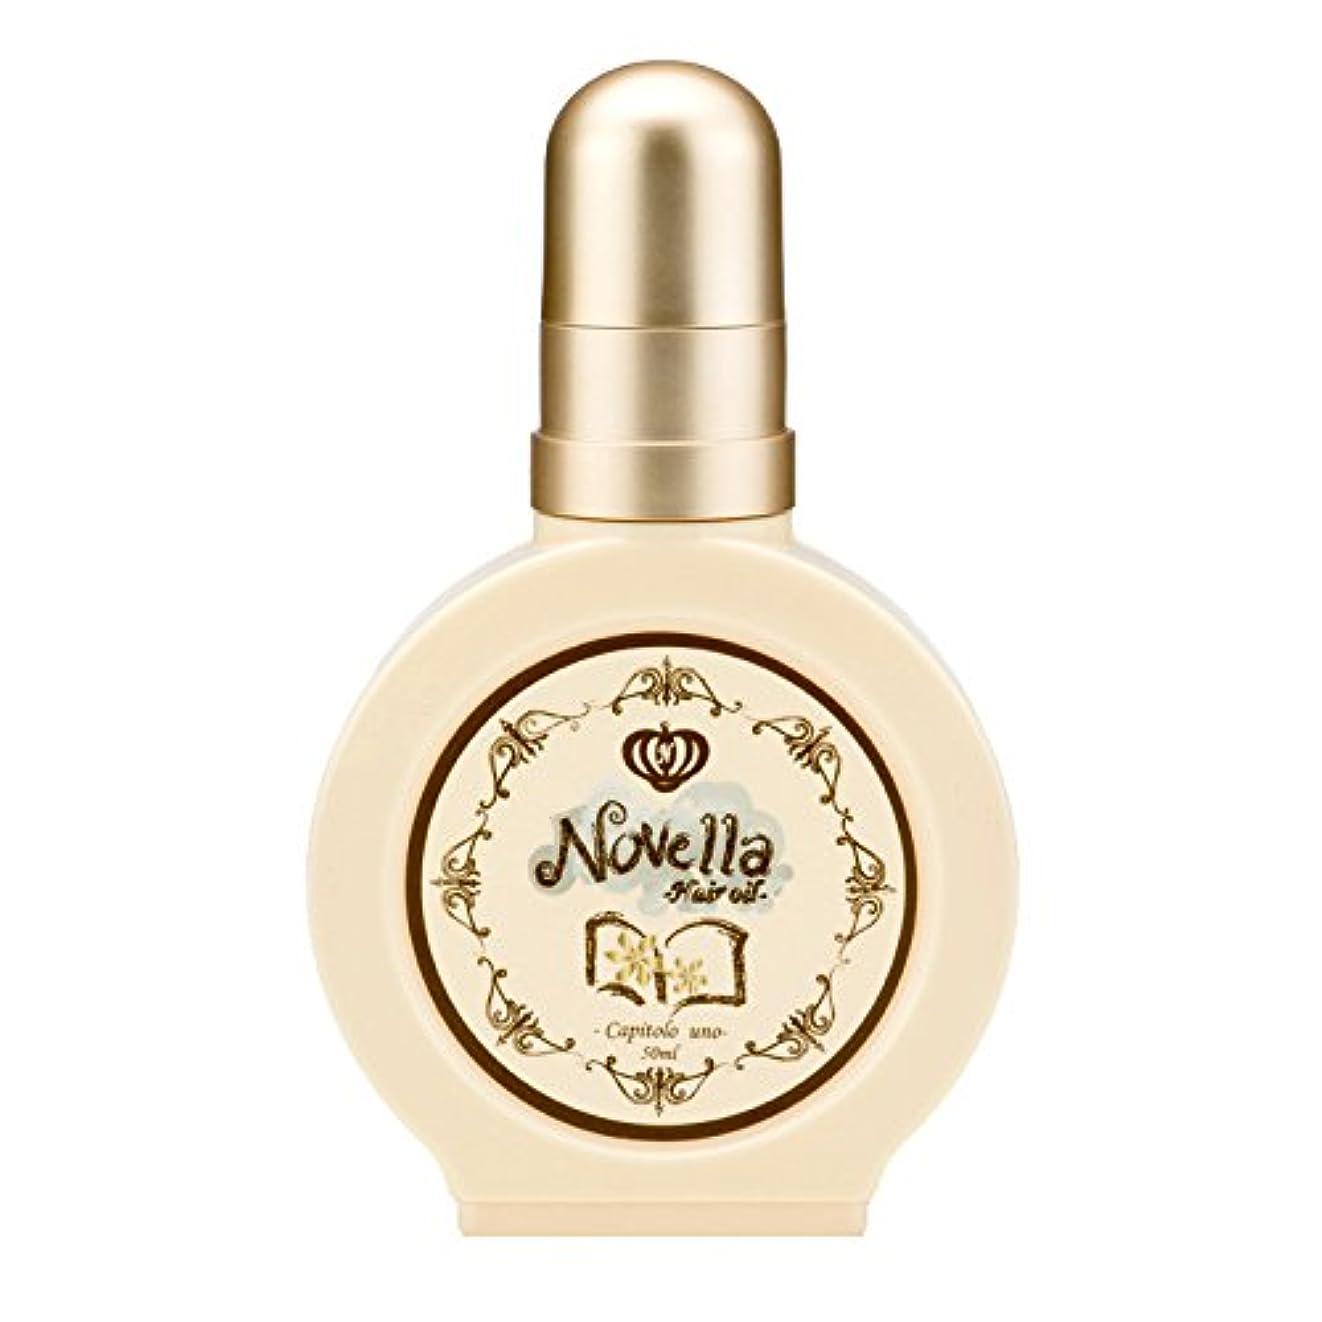 異なる前進導体NOVELLA(ノヴェラ)フレグランス ヘアオイル(洗い流さないトリートメント)ウノ(ウッドムスクの香り)50mL